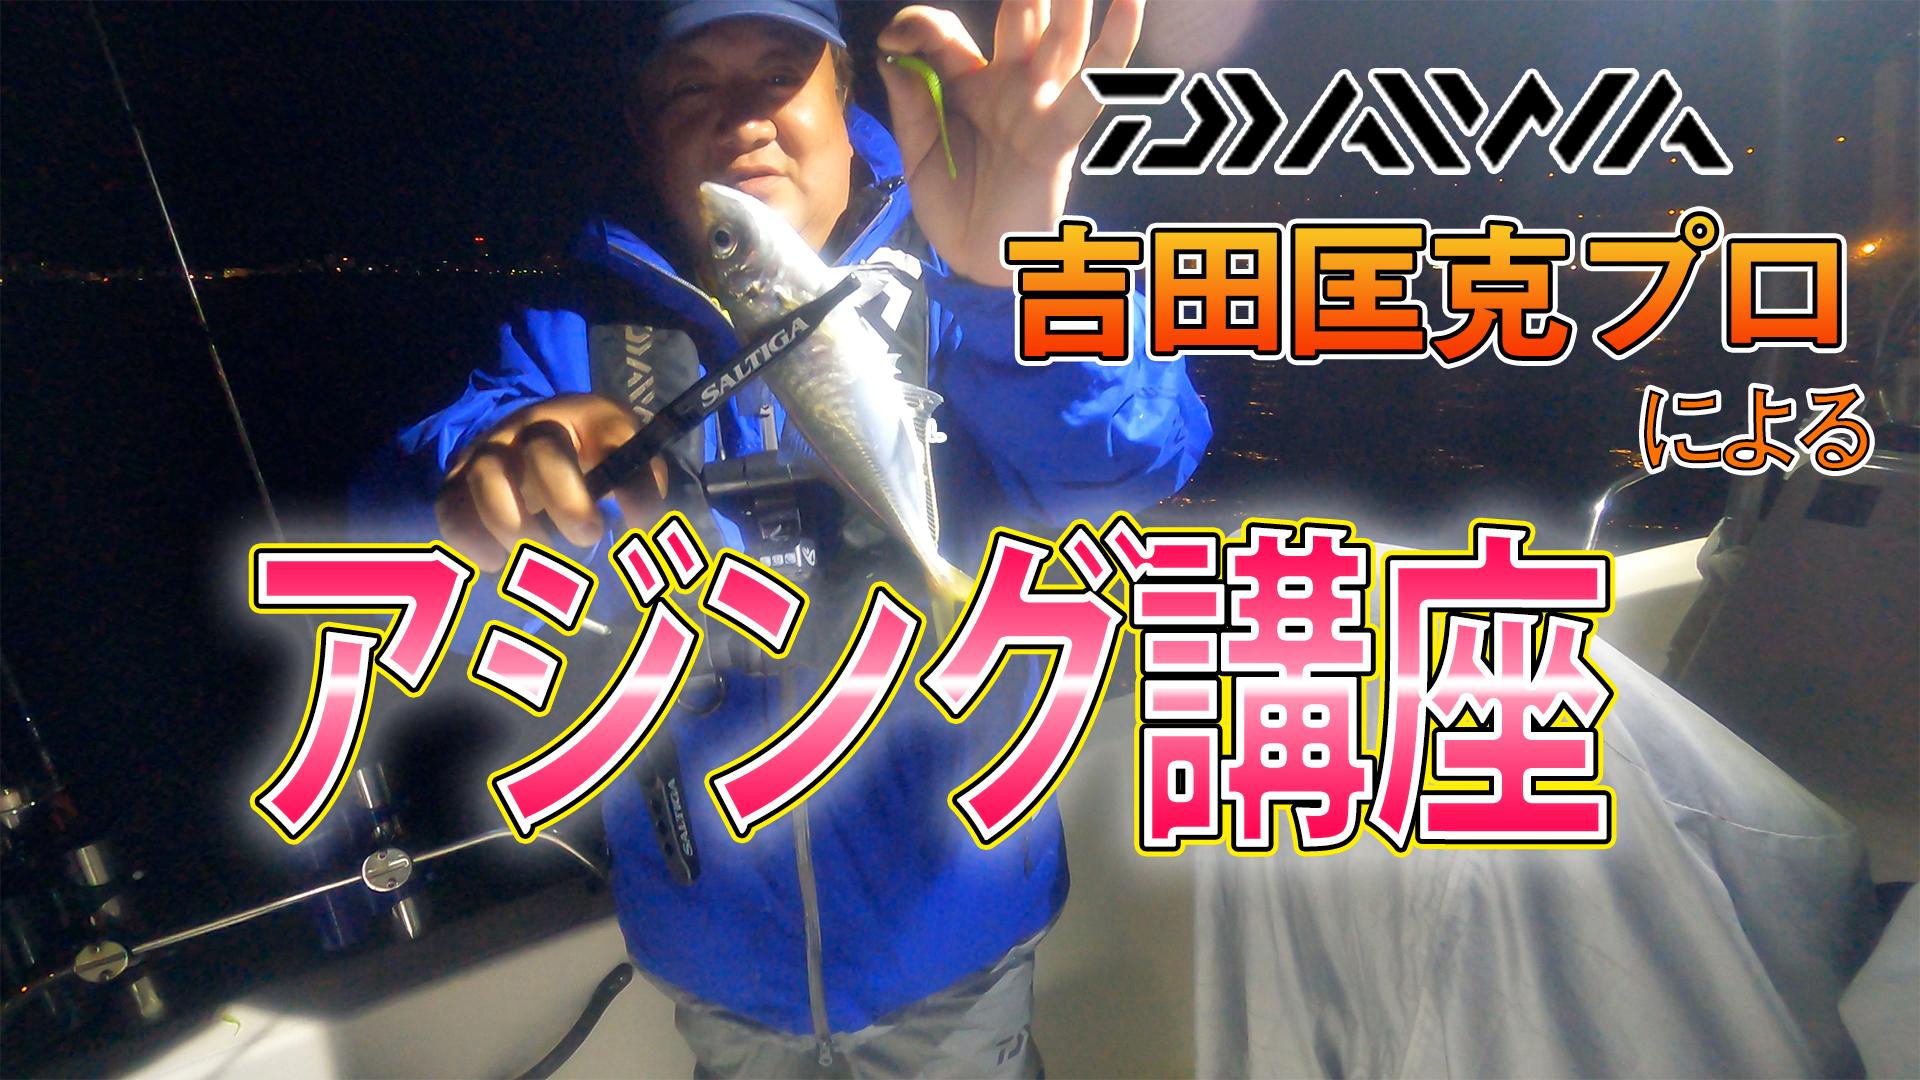 【必見!!】DAIWA吉田プロによるアジング解説!!のサムネイル